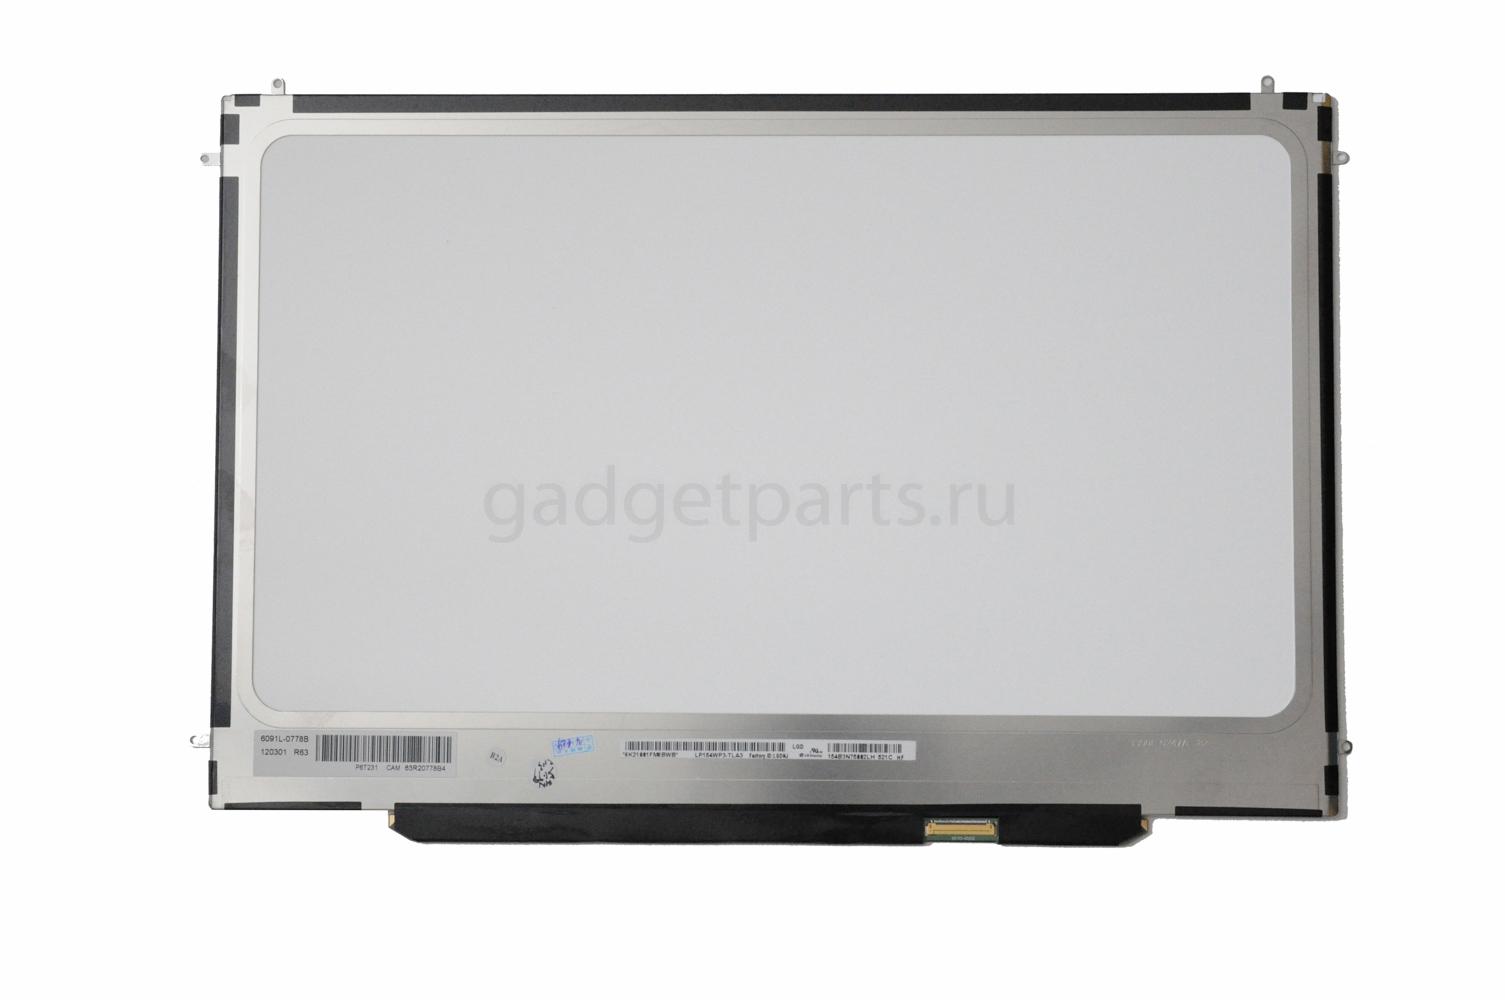 Дисплей MacBook Pro 15 A1260 2008 год